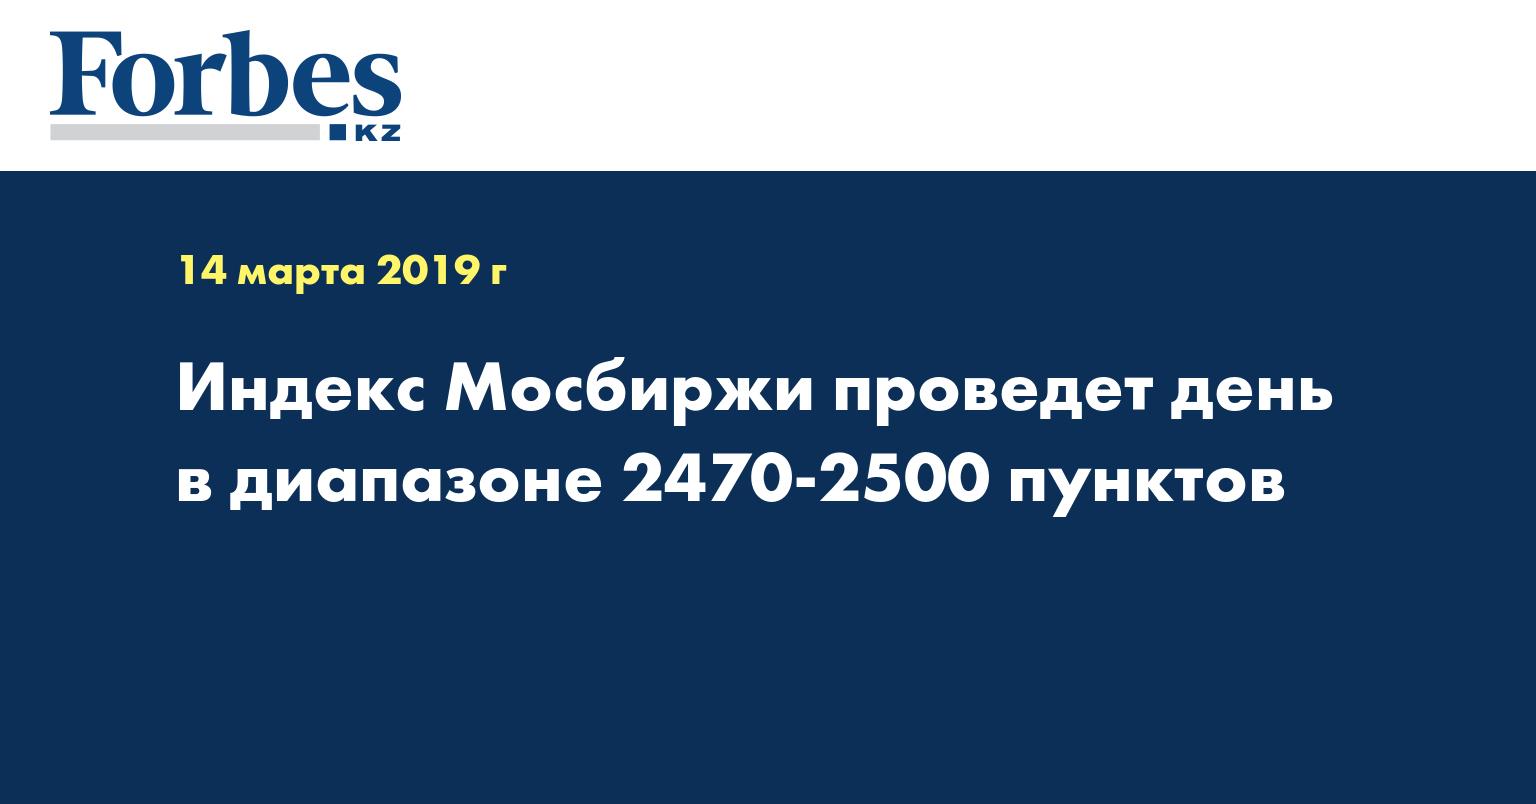 Индекс Мосбиржи проведет день в диапазоне 2470-2500 пунктов